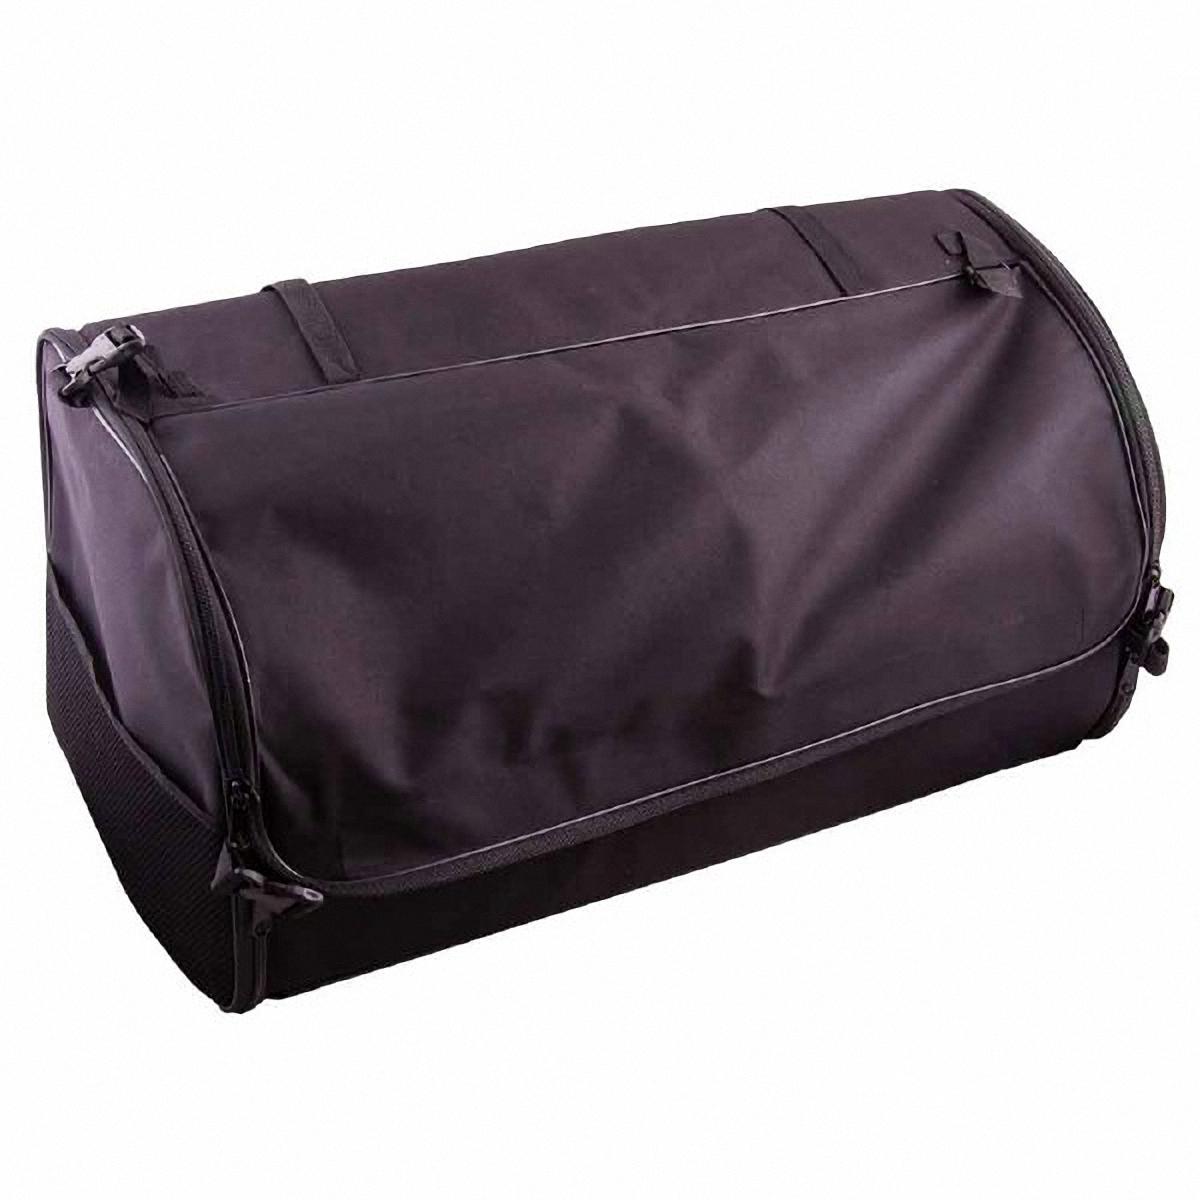 Органайзер автомобильный Skyway, в багажник, цвет: черный, 60 х 30 х 30 см. S06401005S06401005Органайзер Skyway используется в багажнике для хранения различных вещей и мелких предметов, позволит вам компактно разместить все необходимые инструменты и аксессуары. Также может использоваться в качестве обычной сумки. Изготовлен из материала оксфорд. Материал очень прочный, устойчив к химическим веществам, долговечный и непромокаемый. Органайзер имеет боковые карманы-сетки, крышку на липучке и два больших кармана.